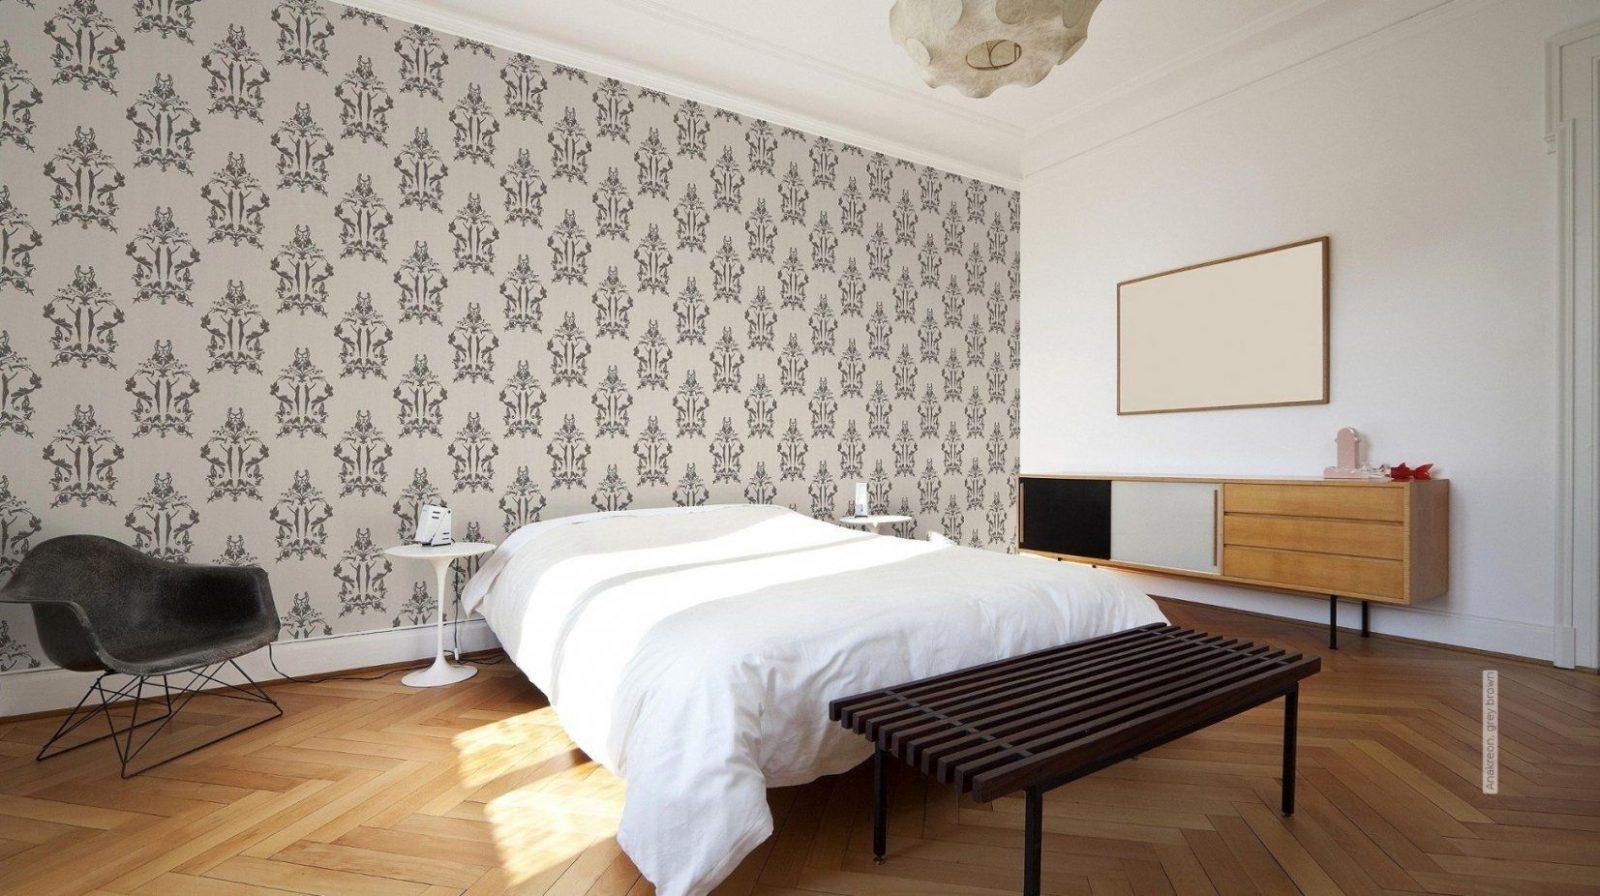 Modernes Tapeten Design Ideen Schlafzimmer Modell Prt Neueste von Tapeten Design Ideen Schlafzimmer Bild